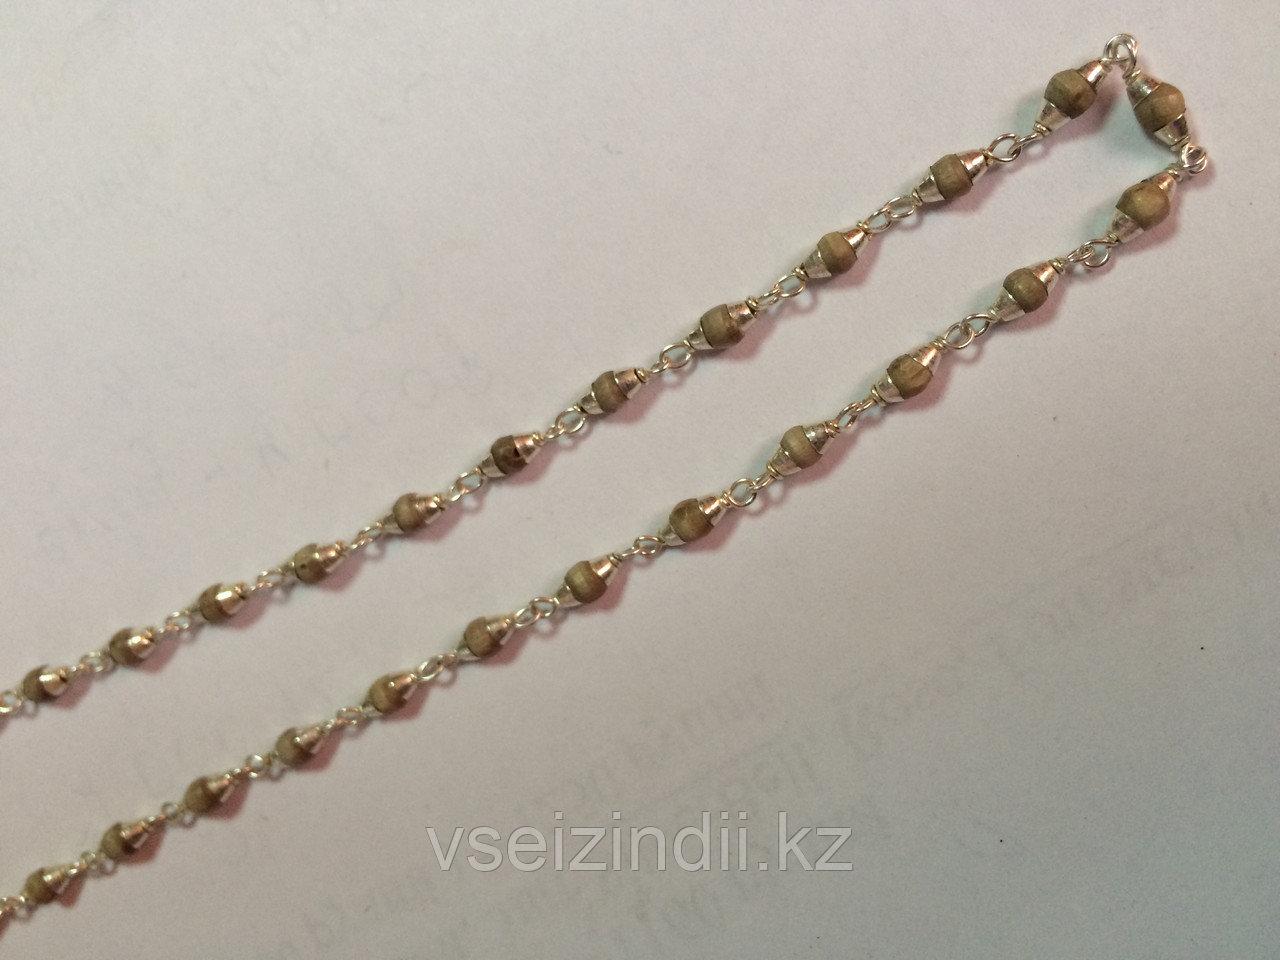 Катхиматы в серебре с Туласи, светлые, 4 мм, длина 25 см